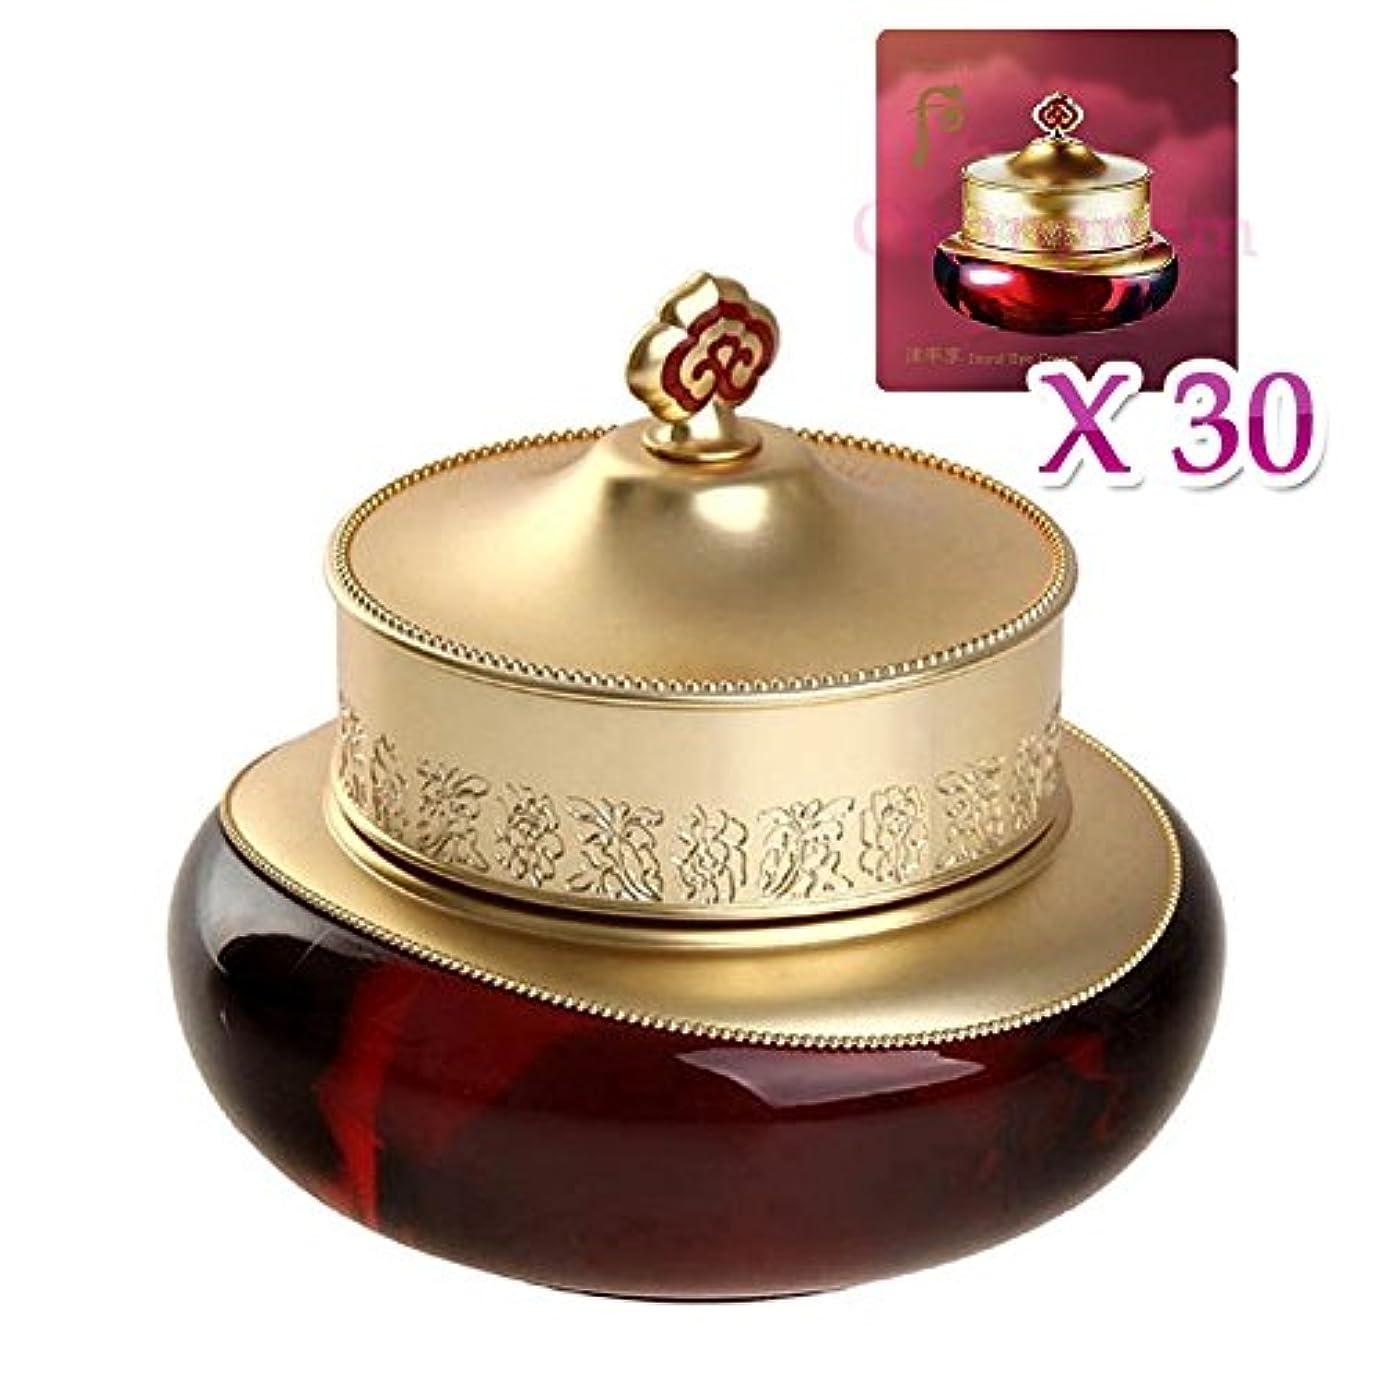 走るクレジット再現する【フー/ The history of whoo] Whoo 后 GYH05 Jinyul Cream / 后(フー)ゴンジンヒャン 津率(ジンユル)クリーム50ml + [Sample Gift](海外直送品)